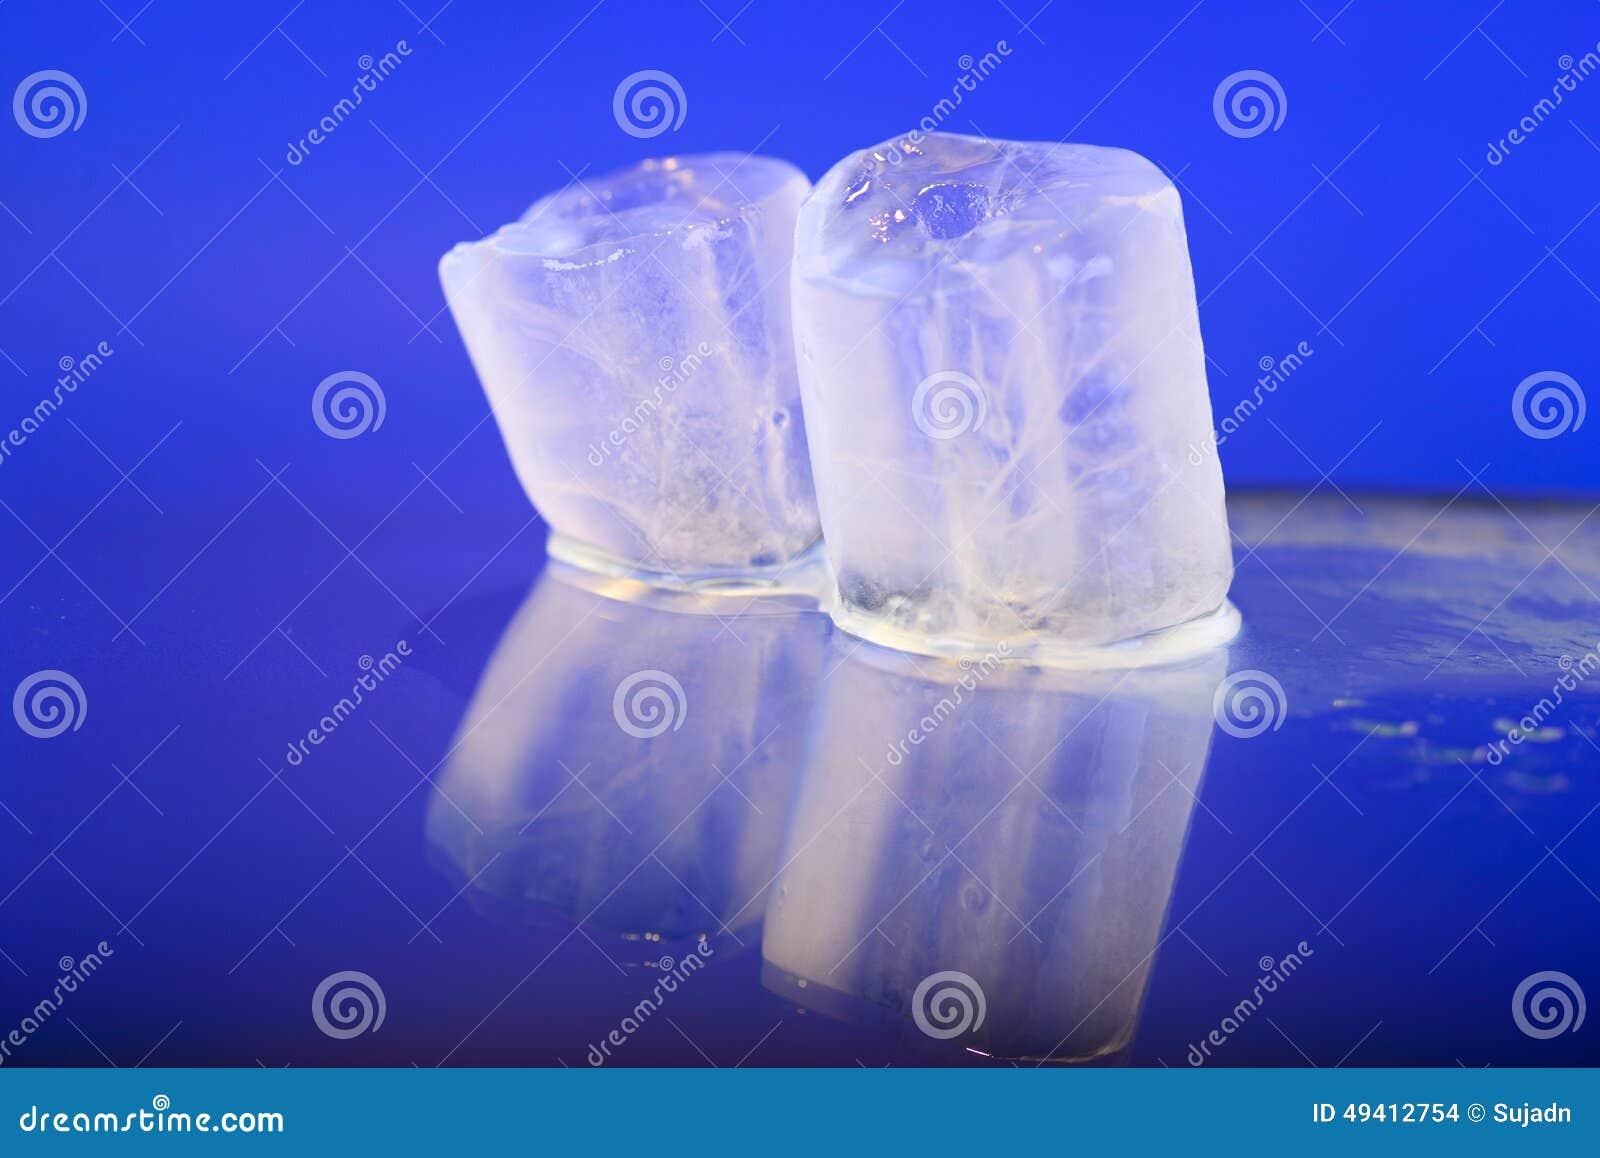 Download Nasse Eiswürfel Auf Blauem Hintergrund Stockfoto - Bild von lichtdurchlässig, tropfen: 49412754